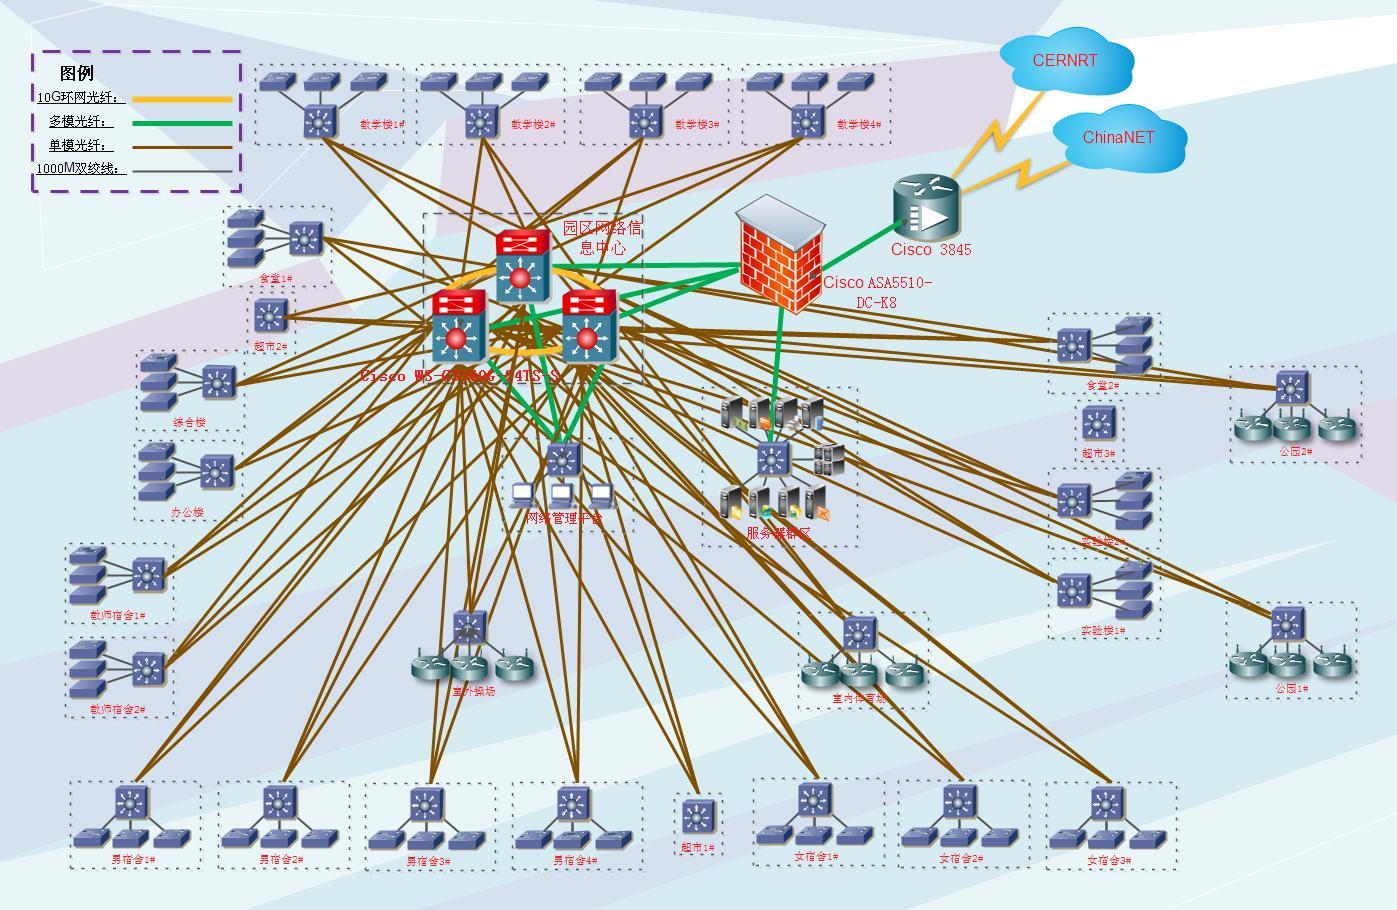 整体网络拓扑结构图